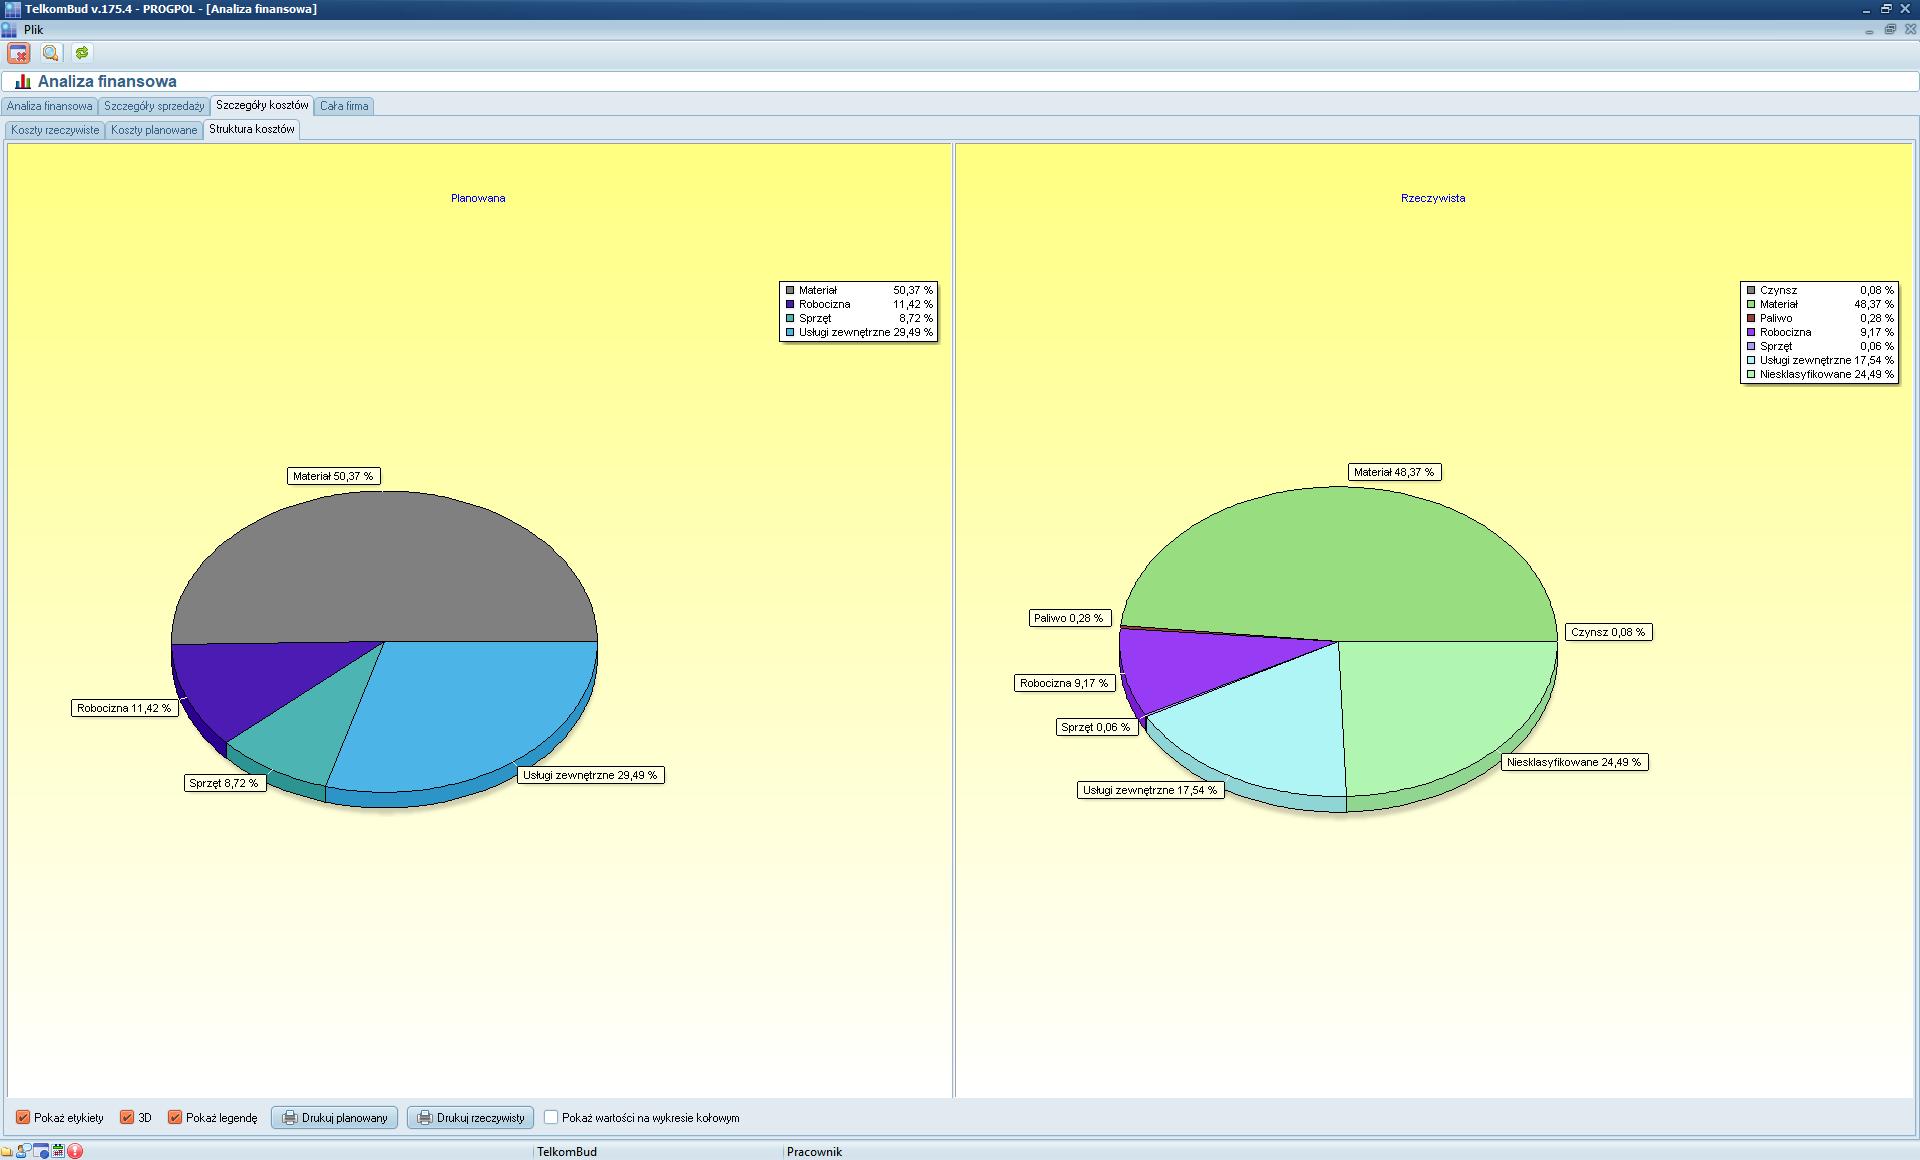 Okno Analiza finansowa modułu Finanse w systemie TelkomBud